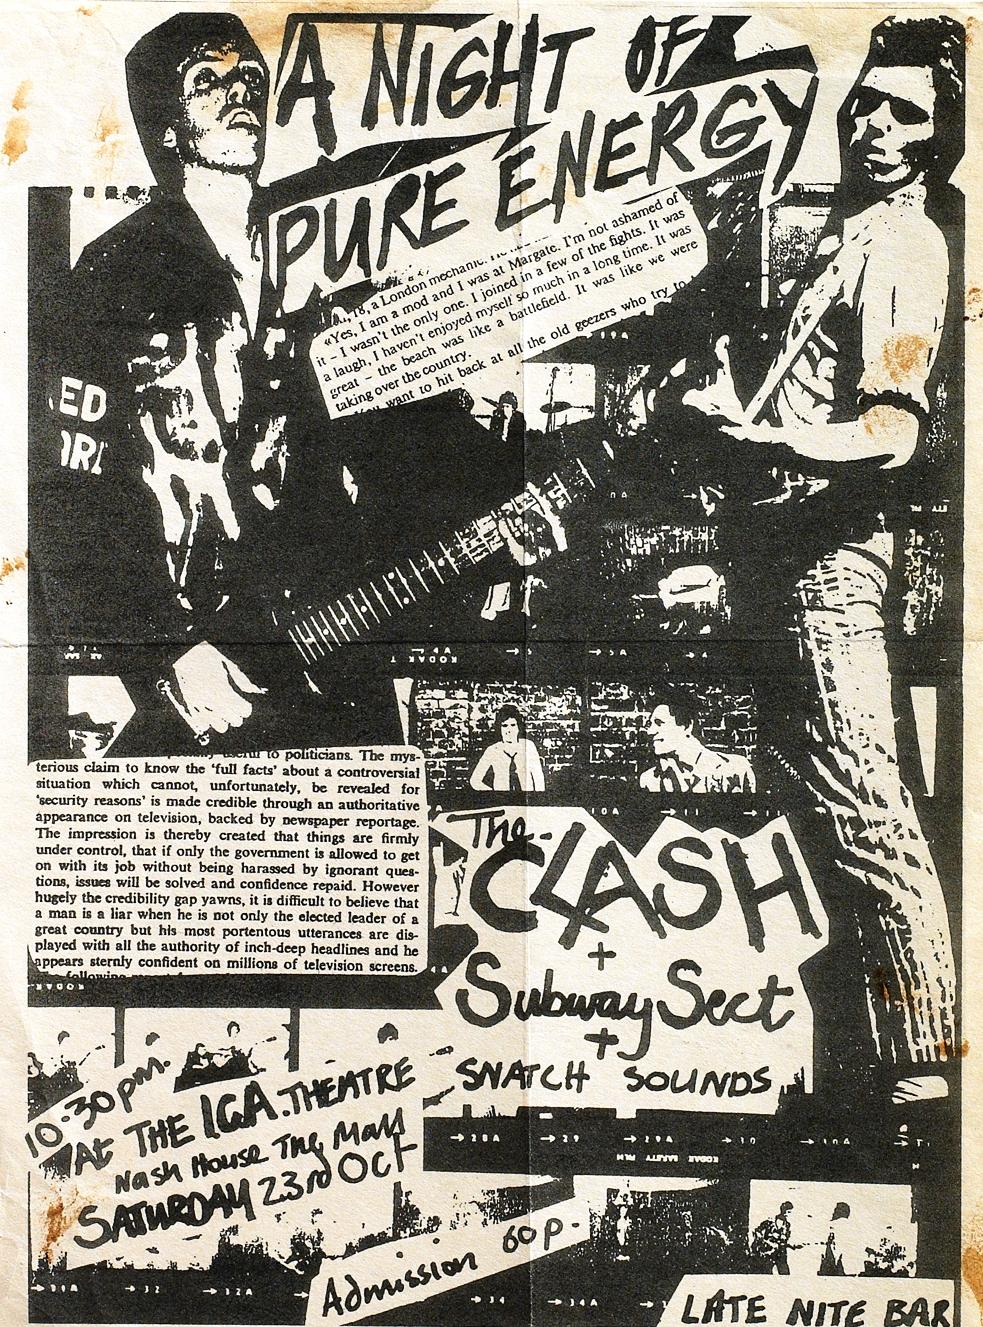 Cartel original del legendario show en el ICA (23 de octubre de 1976)